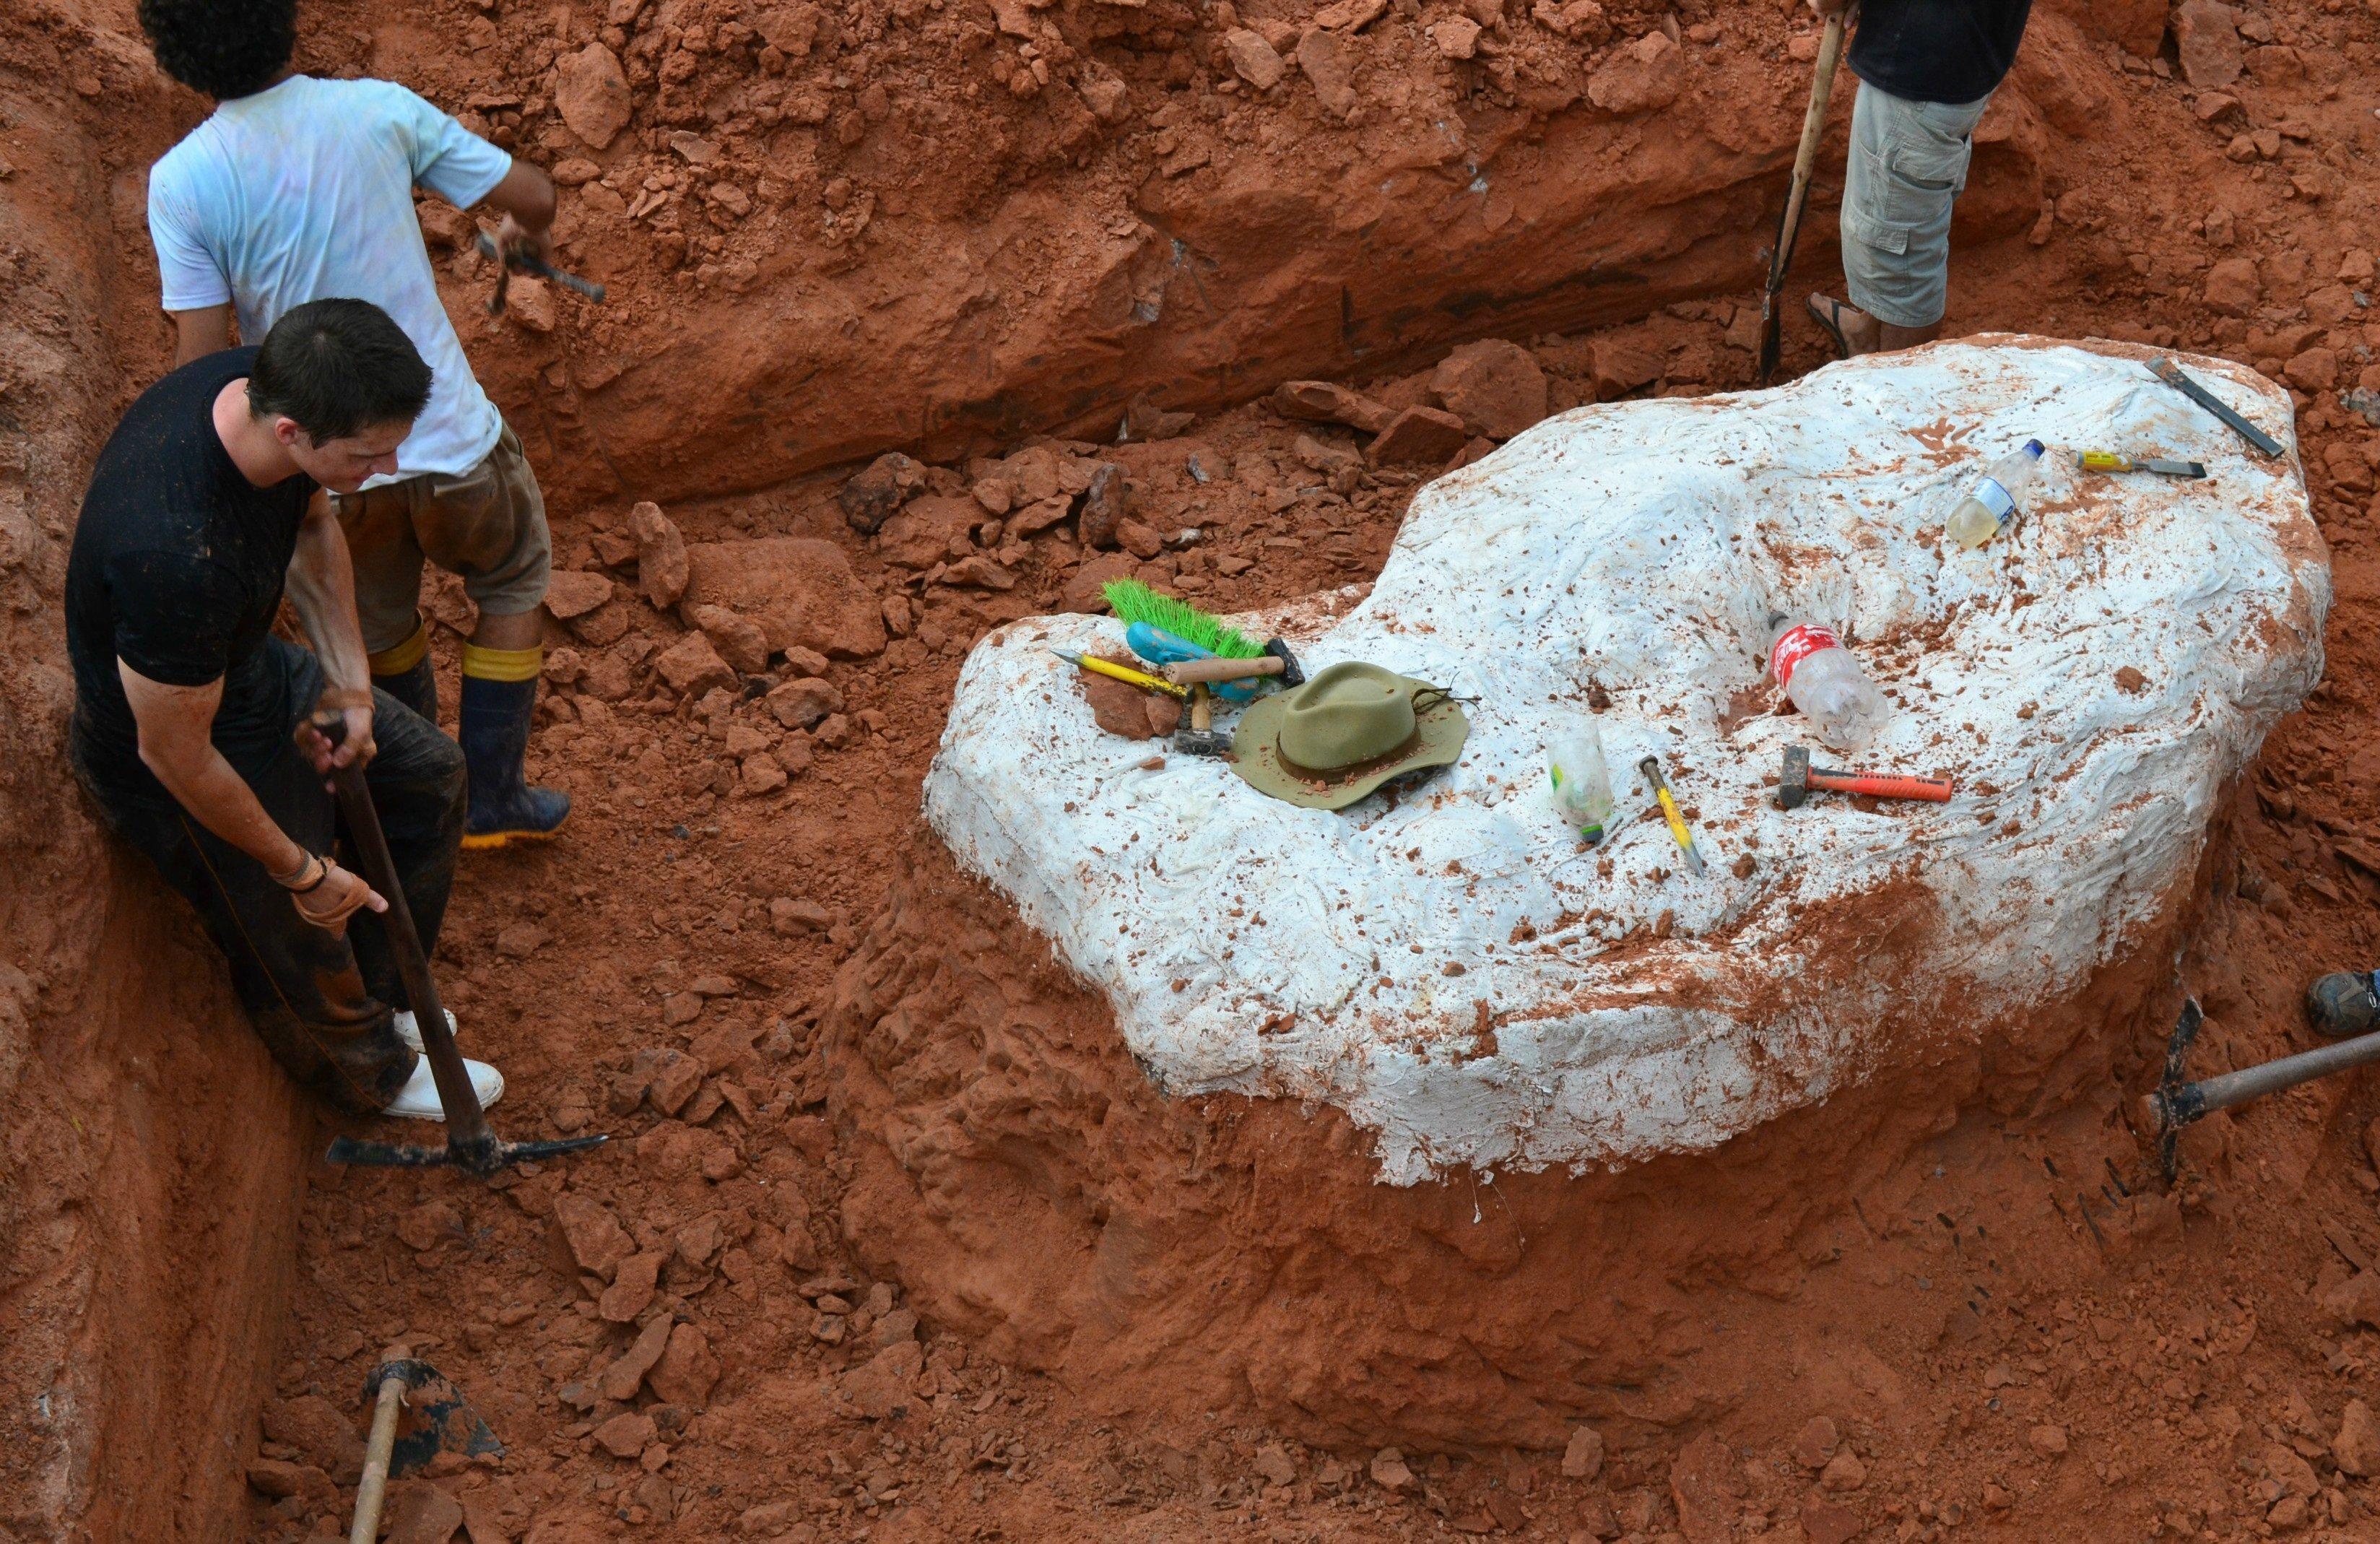 Déciouverte au Brésil d'une espèce de dinosaure jusqu'alors inconnue